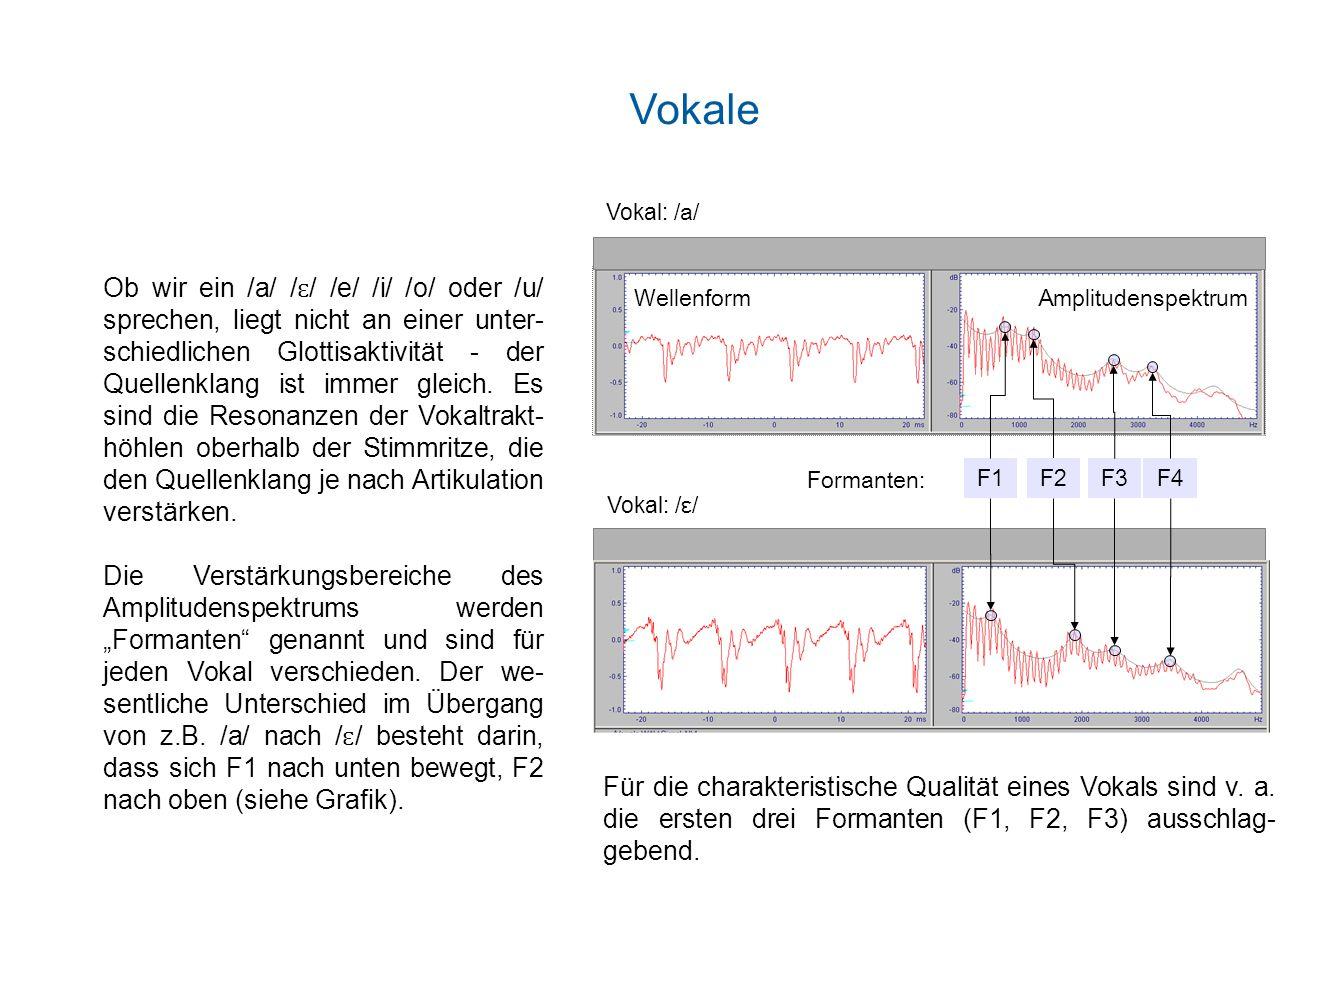 Ein Laut, der der vierfachen Wellenlänge λ der Röhrenlänge L (λ=4*L) entspricht, wird mit maximaler Amplitude verstärkt: Für einen Vokaltrakt mit einer durchschnittlichen Länge von 17 cm und einer Schallgeschwindigkeit c von 340 m/s ergibt sich ein erster Formant von 500 Hz (F1=c/4L) und die weiteren natürlichen Resonanzfrequenzen als ungerade Vielfache von F1 (F2=1500 Hz, F3=2500 Hz, etc.).